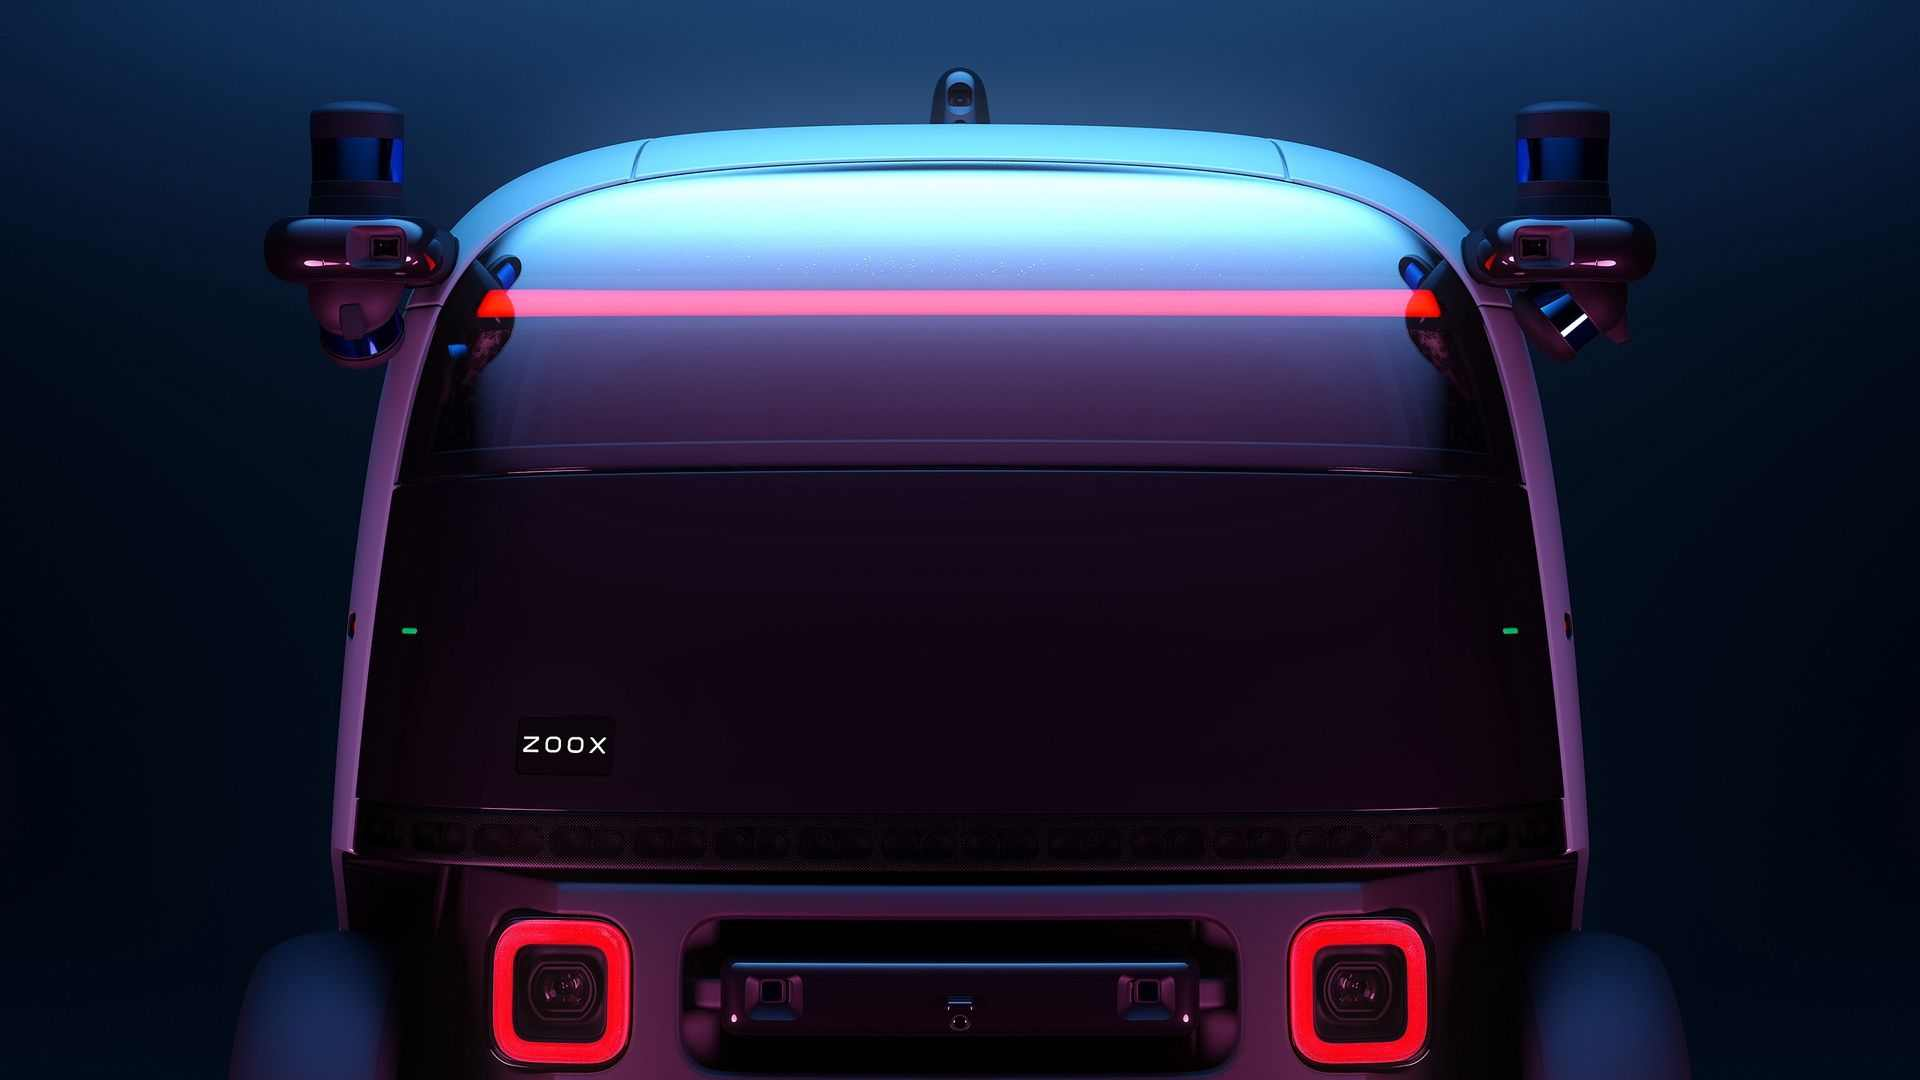 Zoox-Autonomous-Vehicle-Reveal-Front-Half